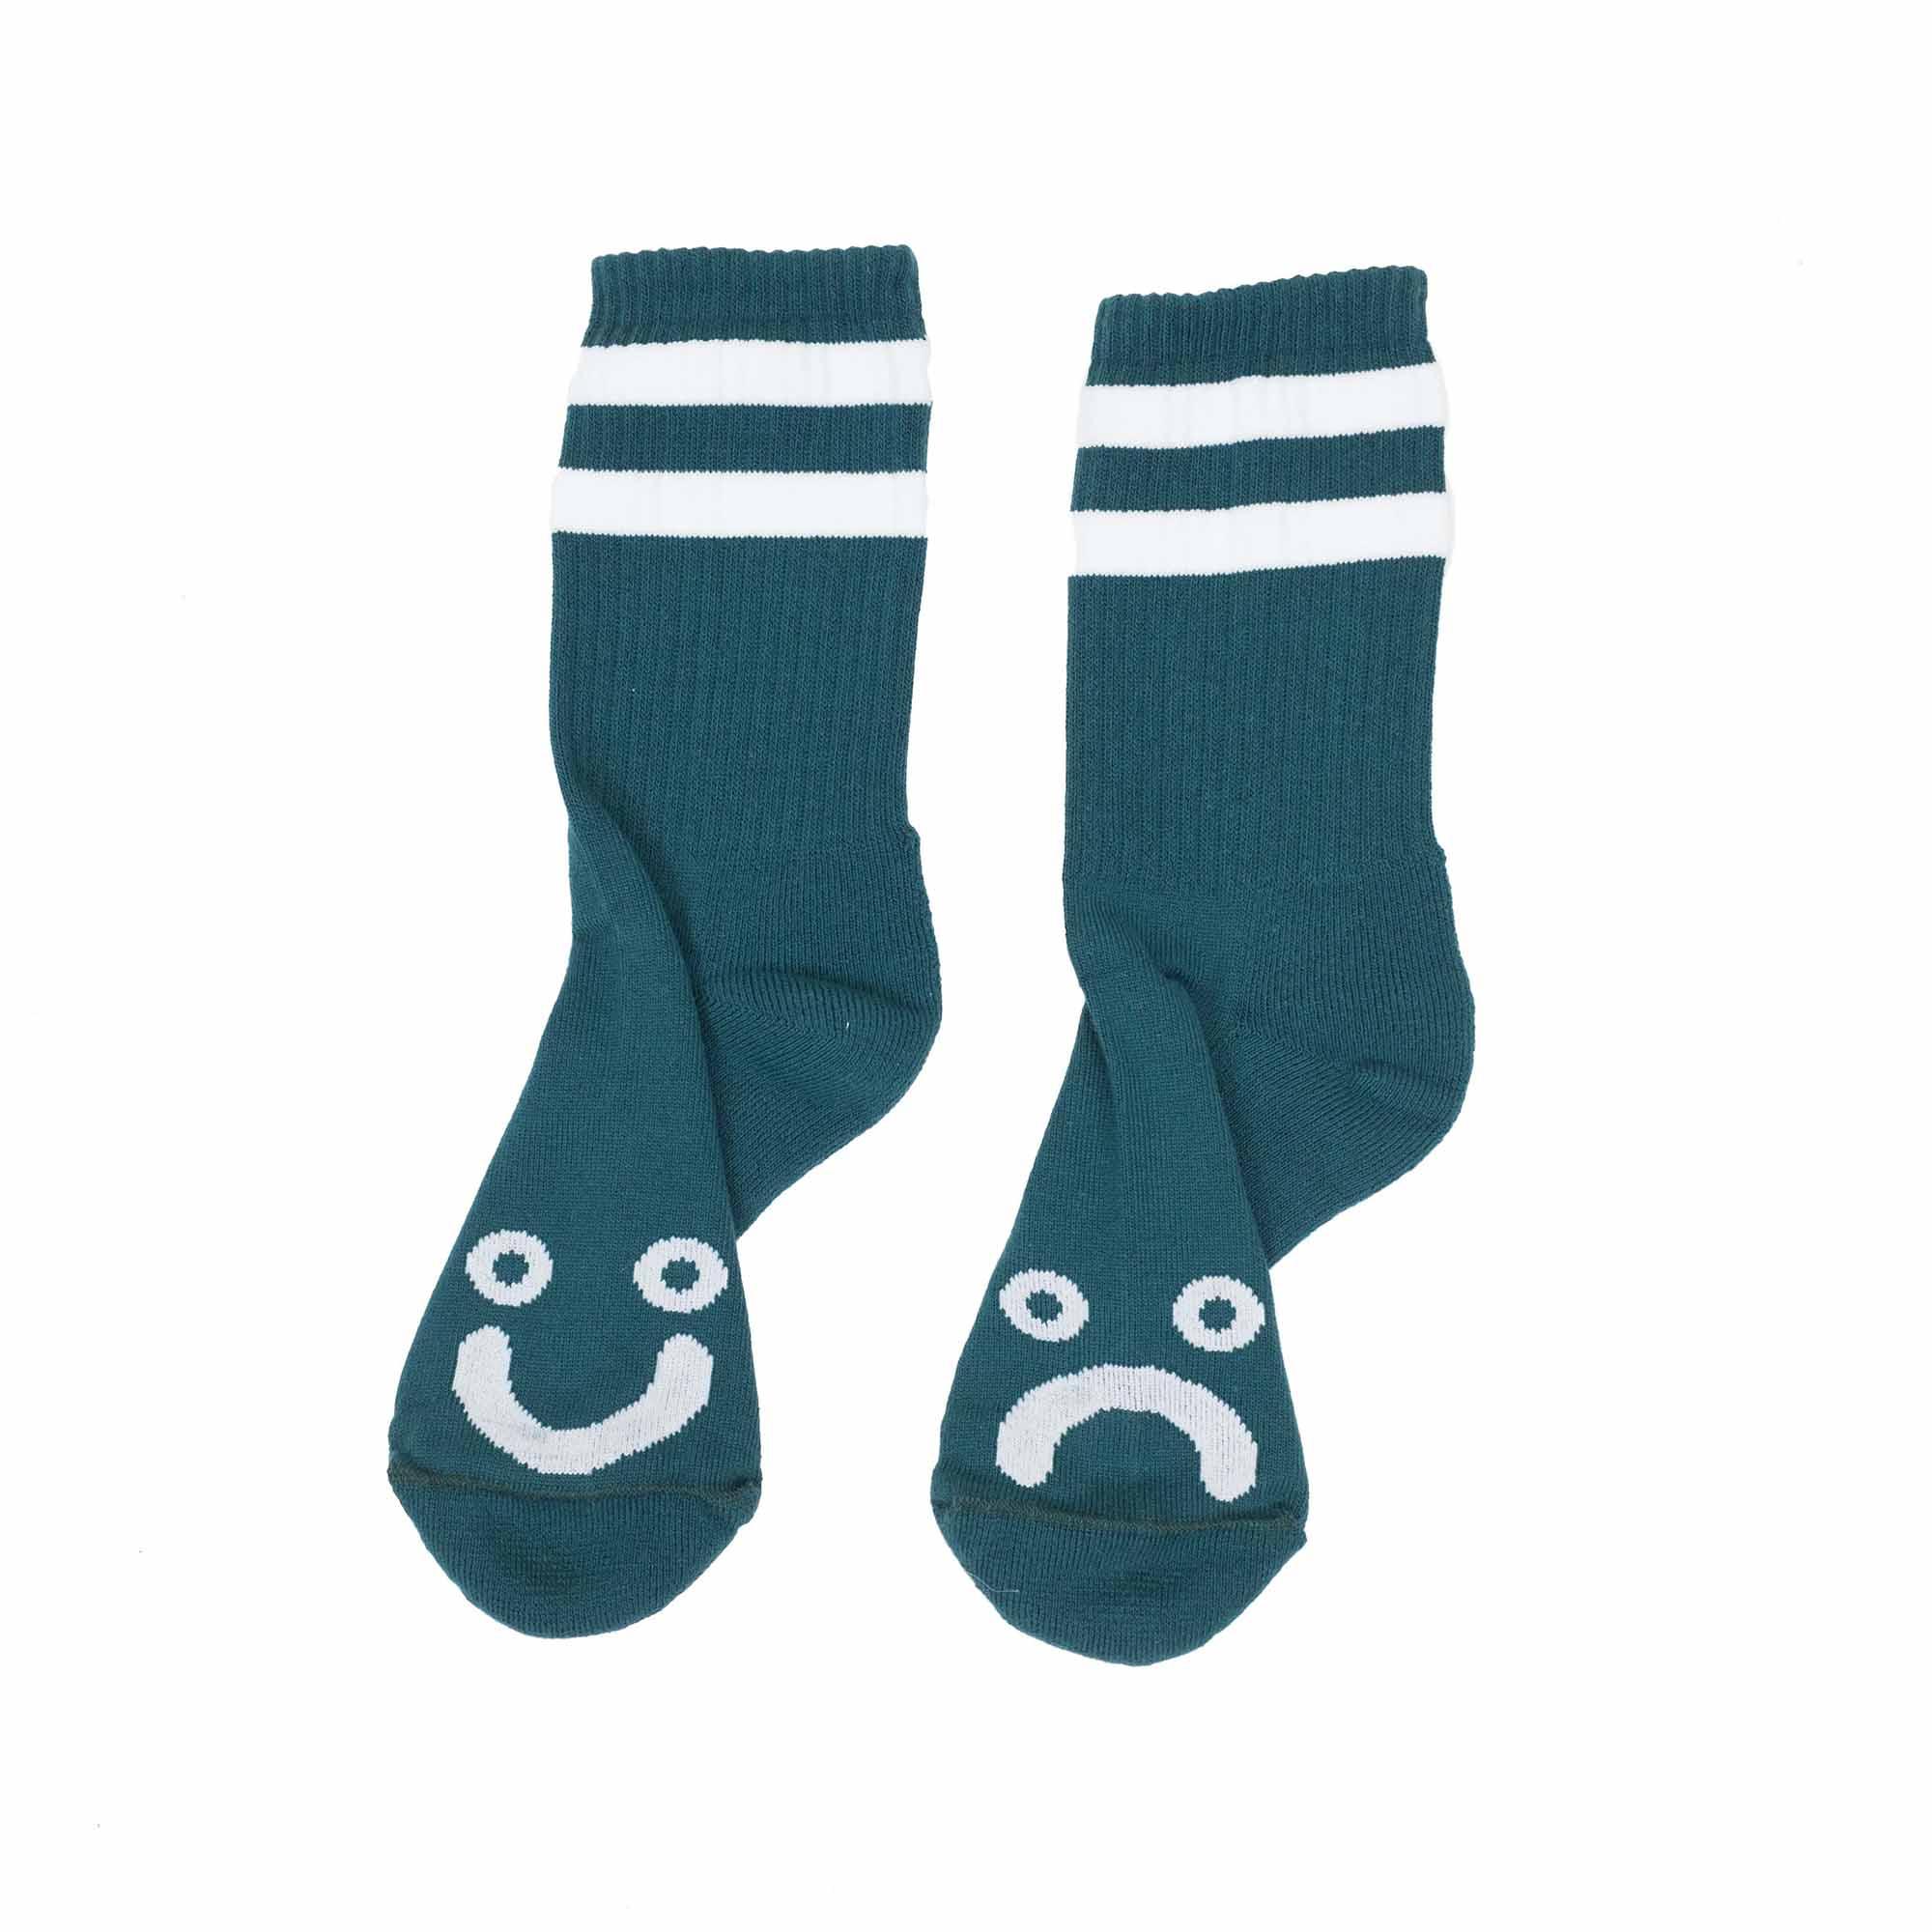 Polar Skate Co. Happy Sad Socks - Dark Green